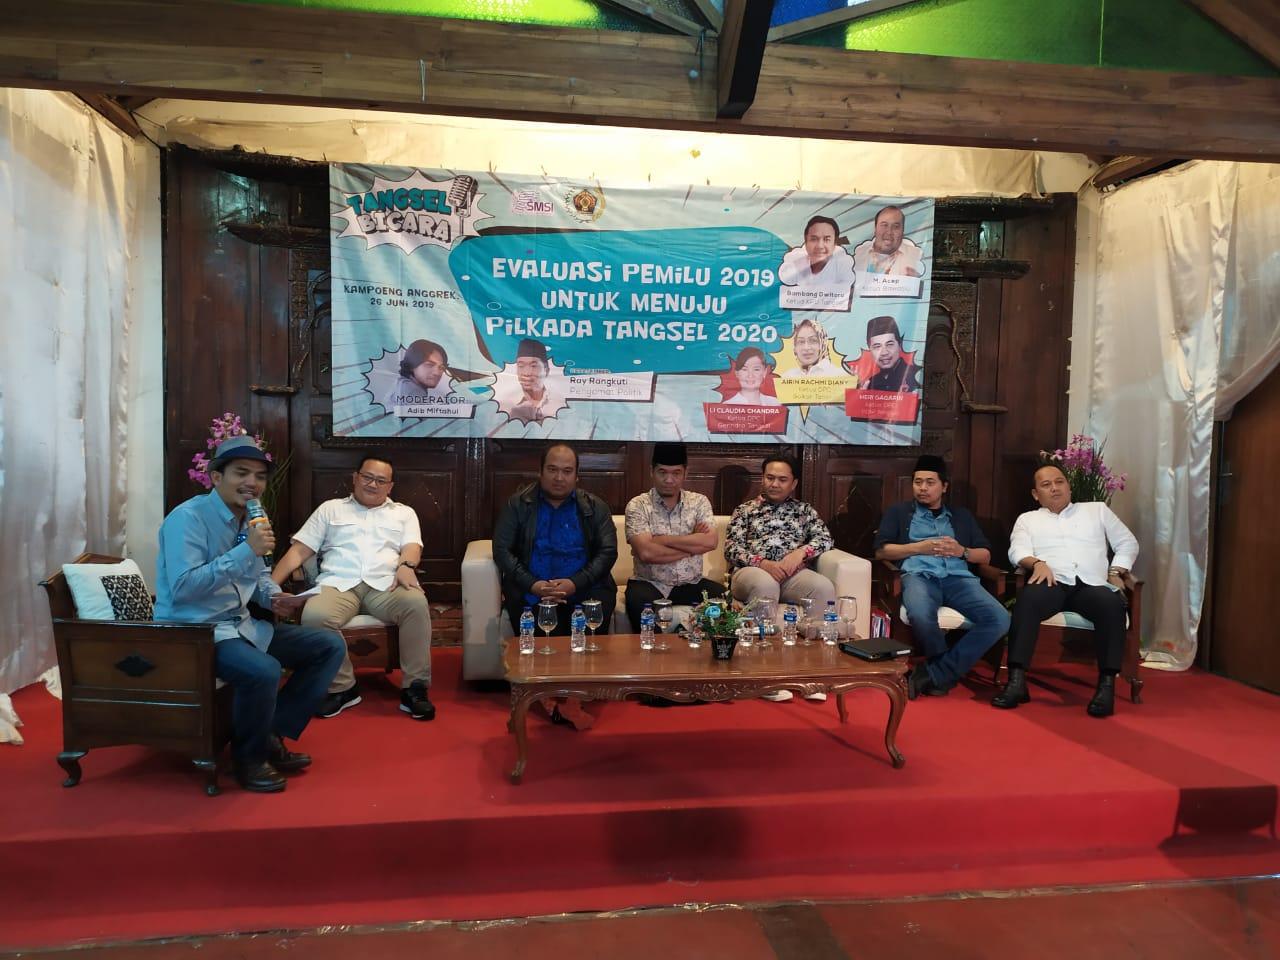 """PWI Bersama SMSI Kota Tangsel Gelar Diskusi Publik Bertema """"Evaluasi Pemilu 2019 Untuk Menuju Pilkada Tangsel 2020"""""""